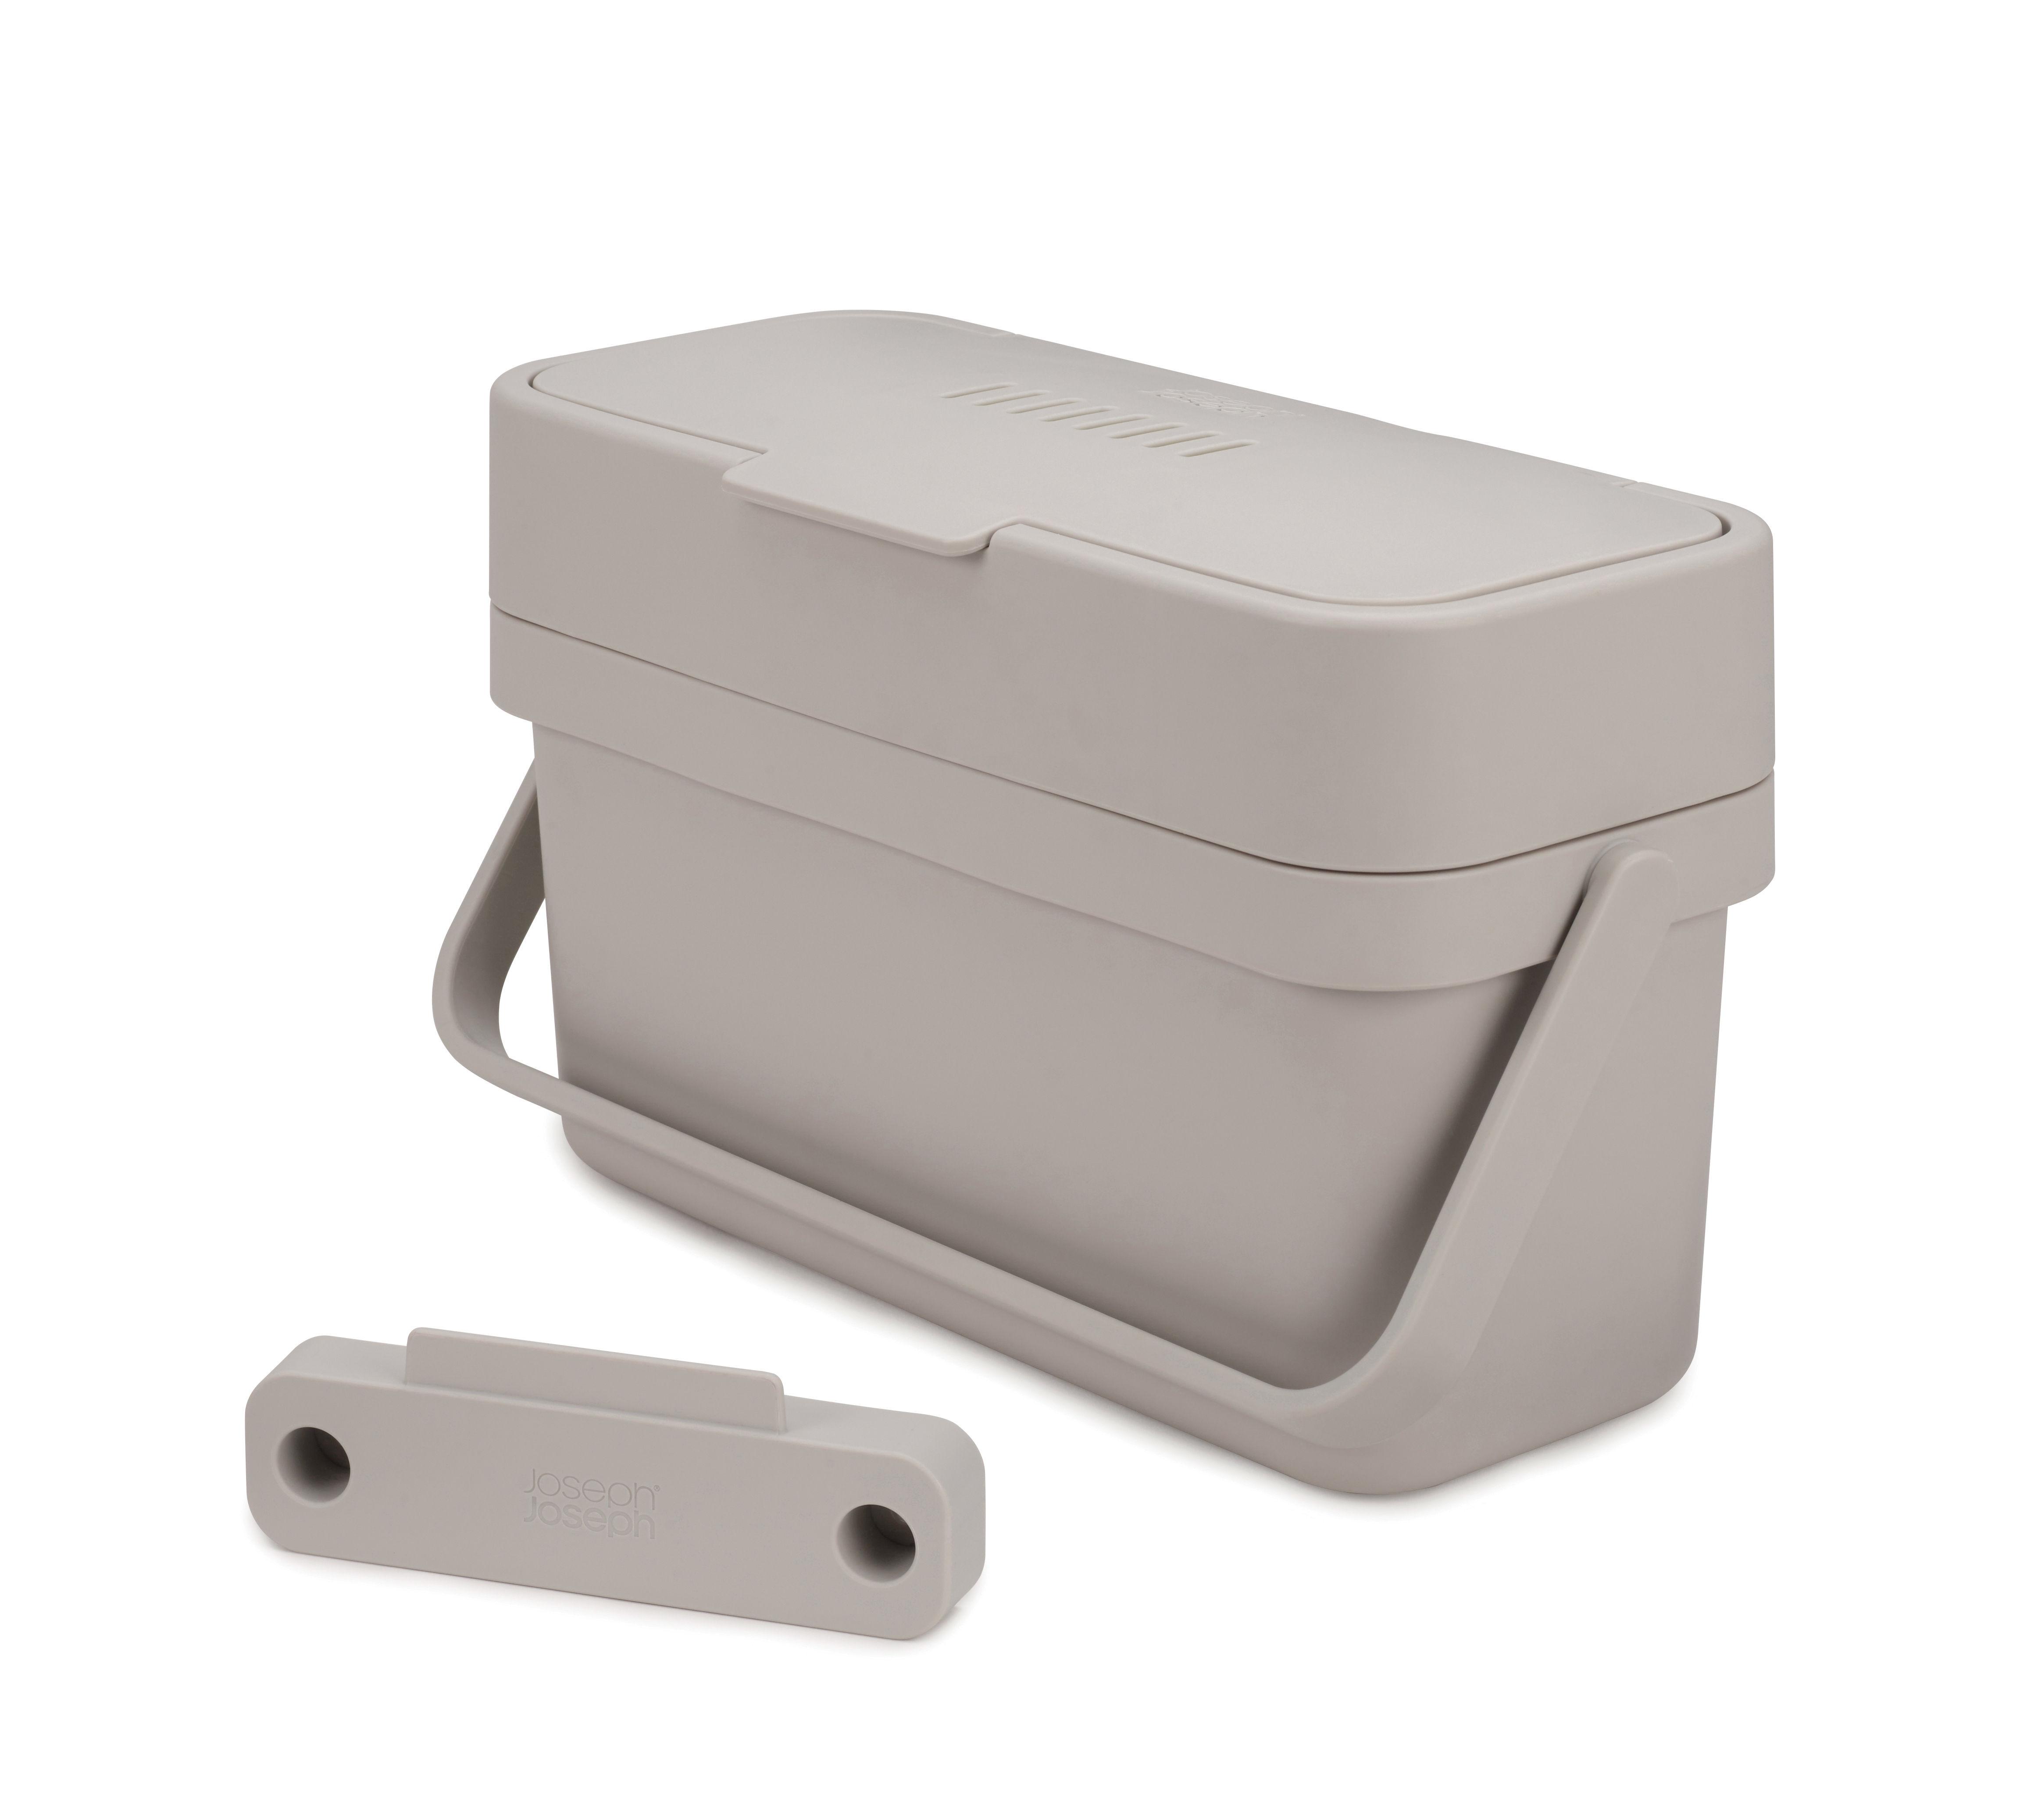 Cuisine - Poubelles de cuisine - Bac à déchets organiques Compo / 4 L - Fixation porte - Joseph Joseph - Blanc - Matière plastique